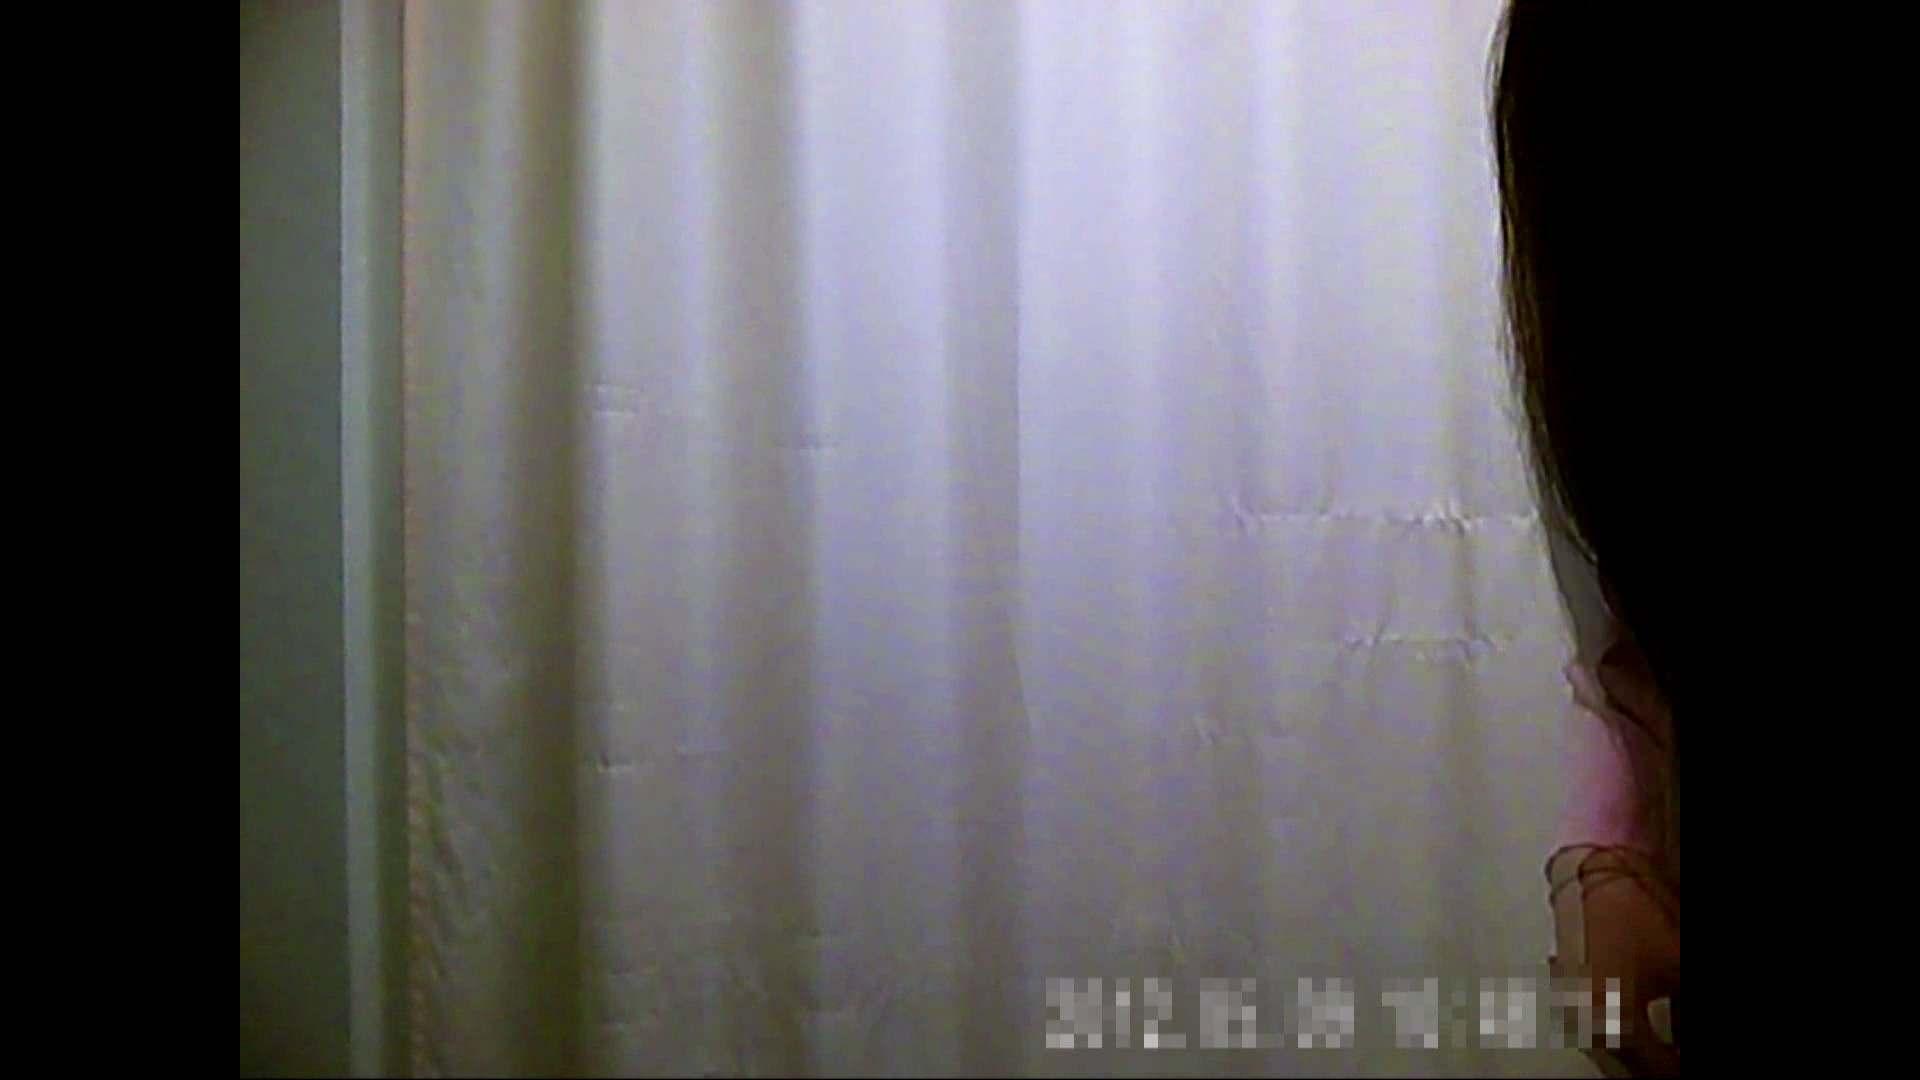 元医者による反抗 更衣室地獄絵巻 vol.267 OLハメ撮り  81Pix 61